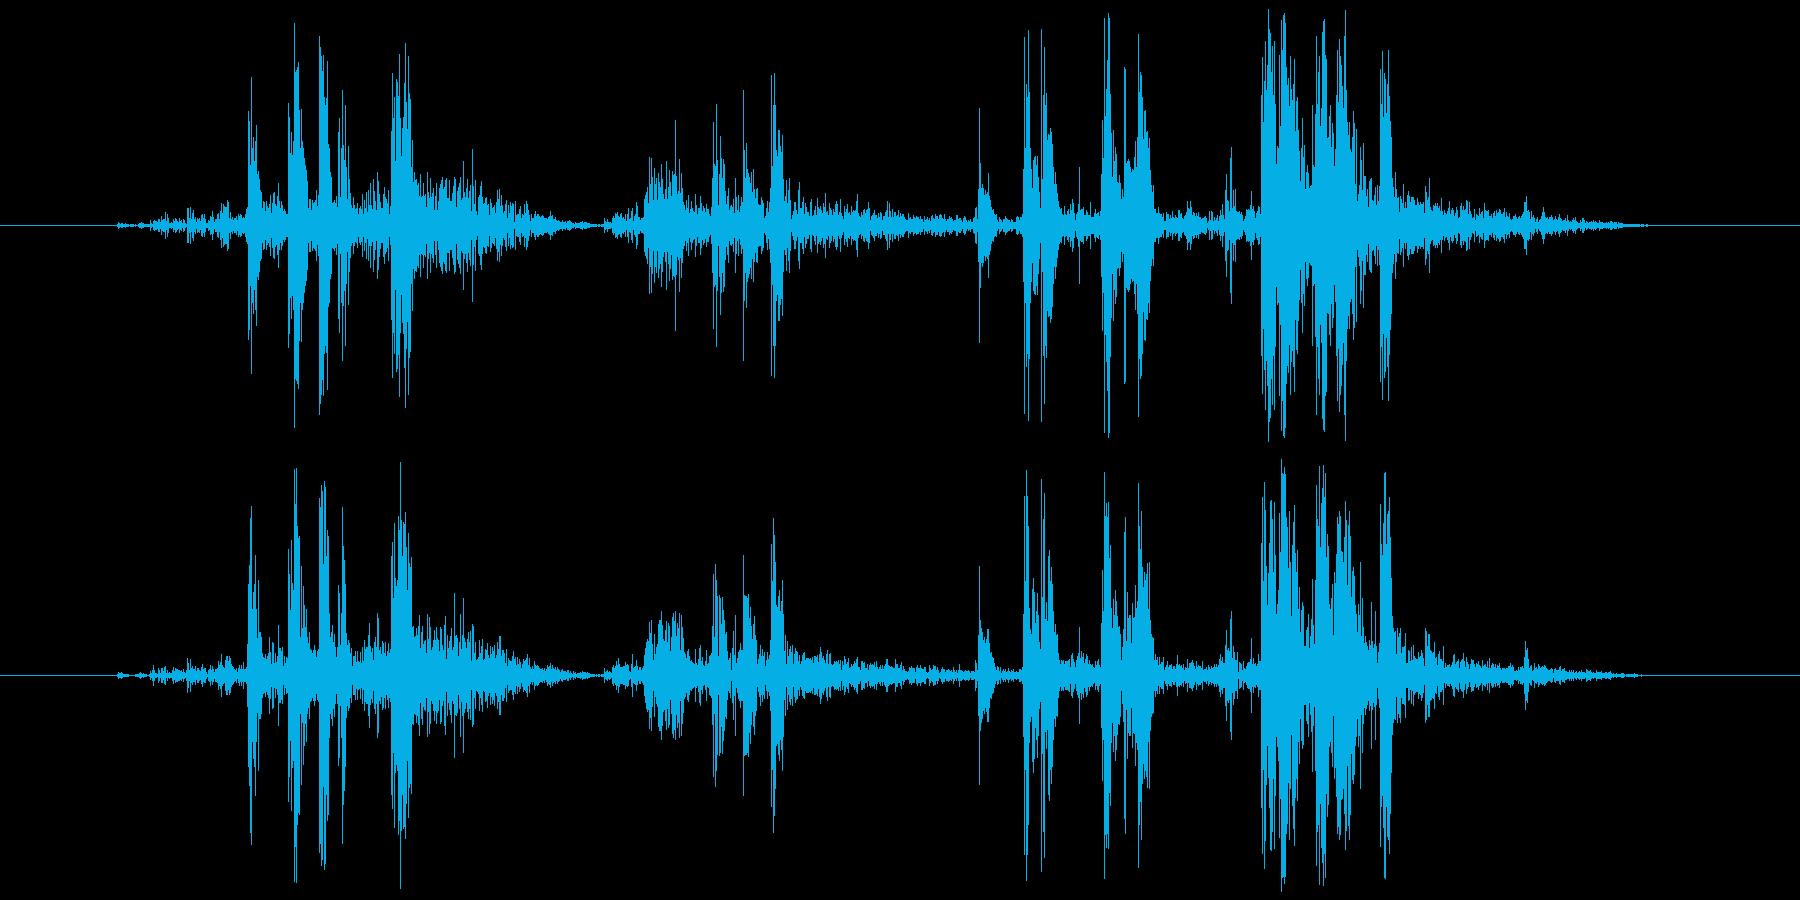 カメラ シャッター音(ノイジー)カッシッの再生済みの波形